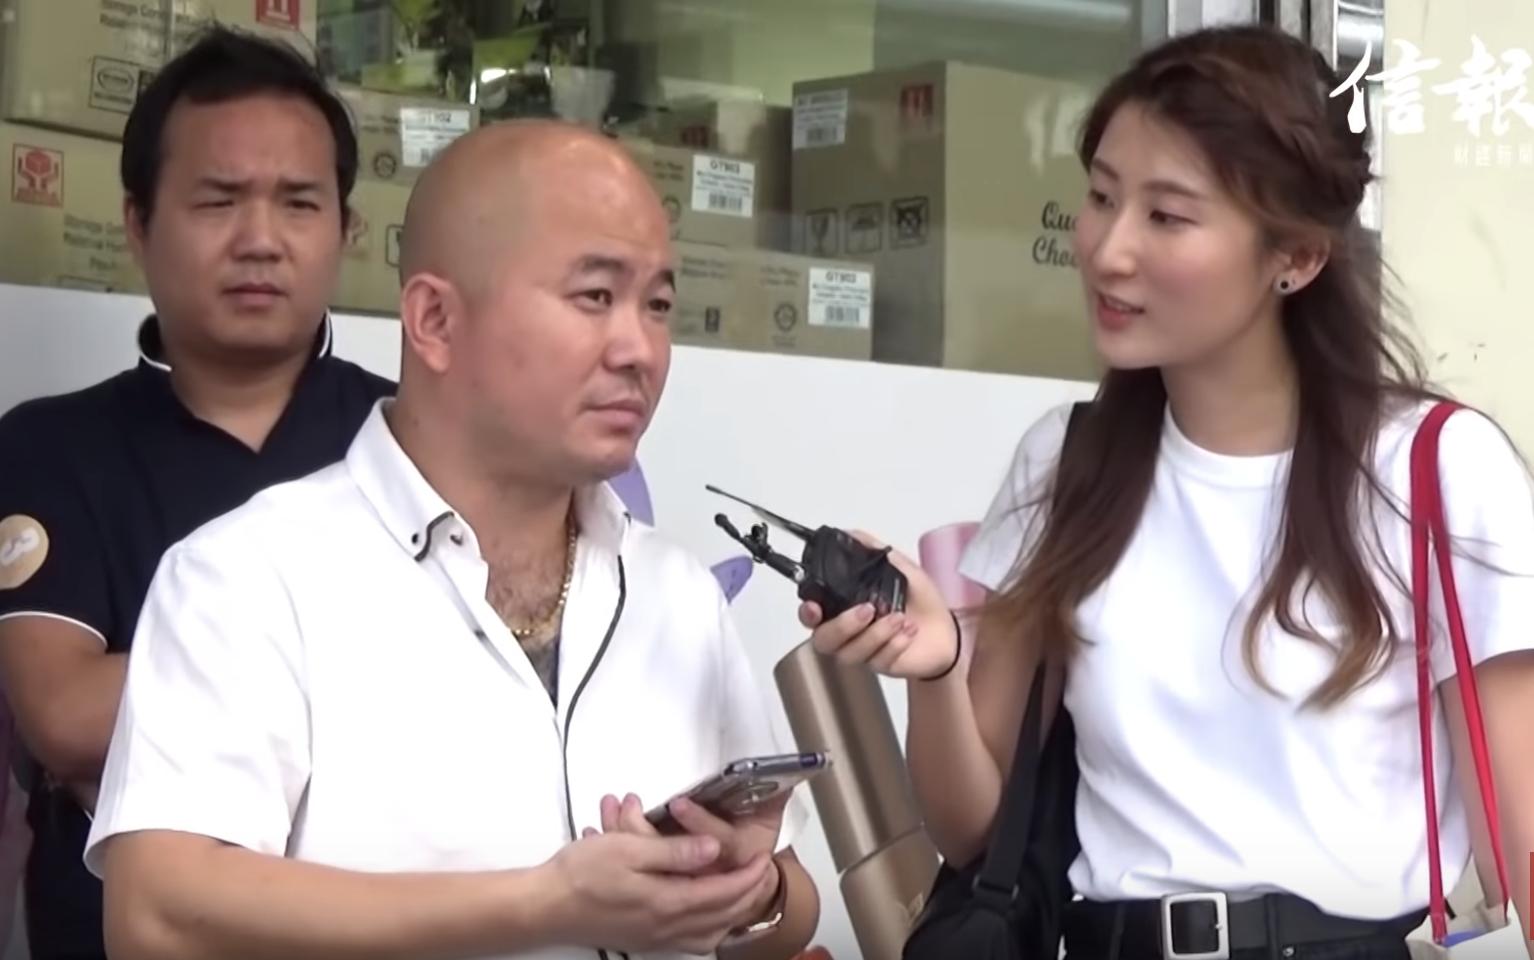 《信報》就目前香港局勢採訪一名內地遊客,這名遊客稱,一些香港人是「沒腦子的暴徒」並聲稱如果碰上,要「以暴制暴」。(視頻截圖)